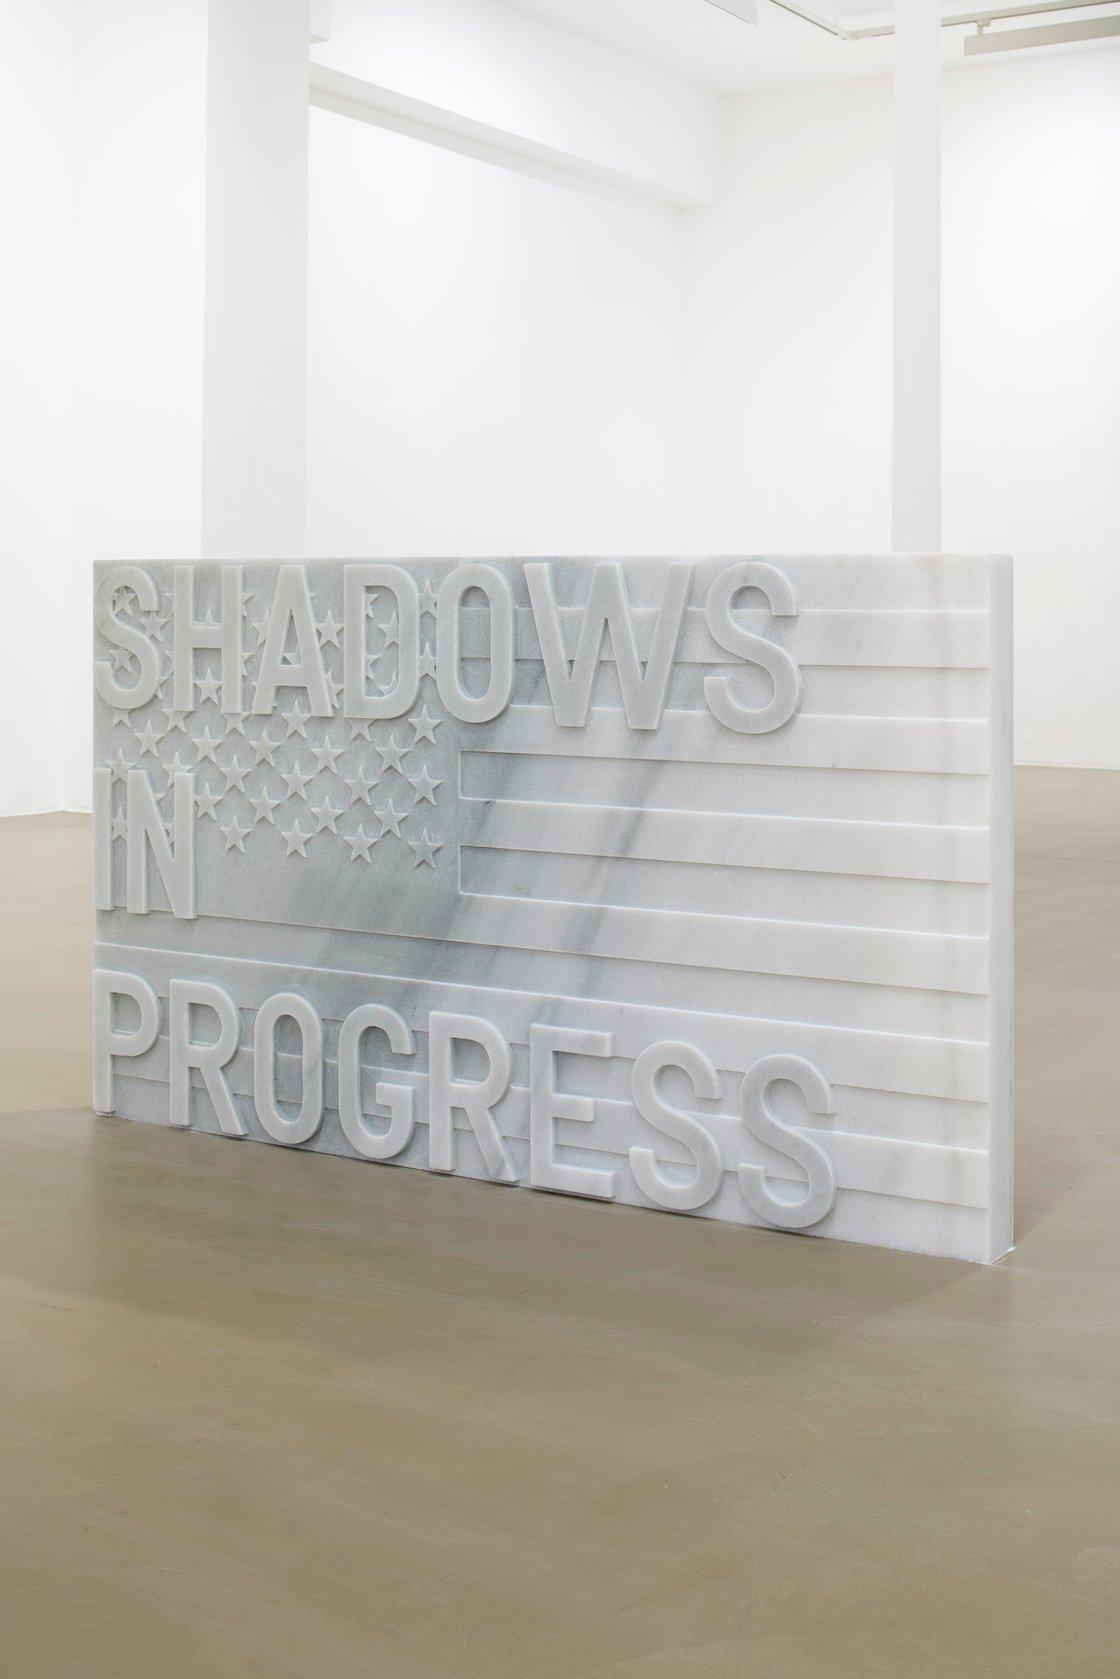 Rirkrit Tiravanija, untitled 2020 (shadows in progress) (flag, 1967), 2020